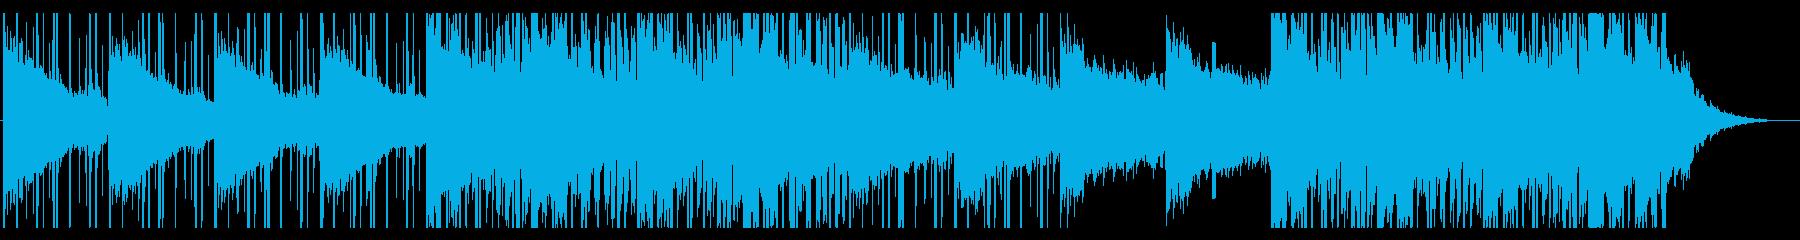 雨/ほのぼの/R&B_No381の再生済みの波形